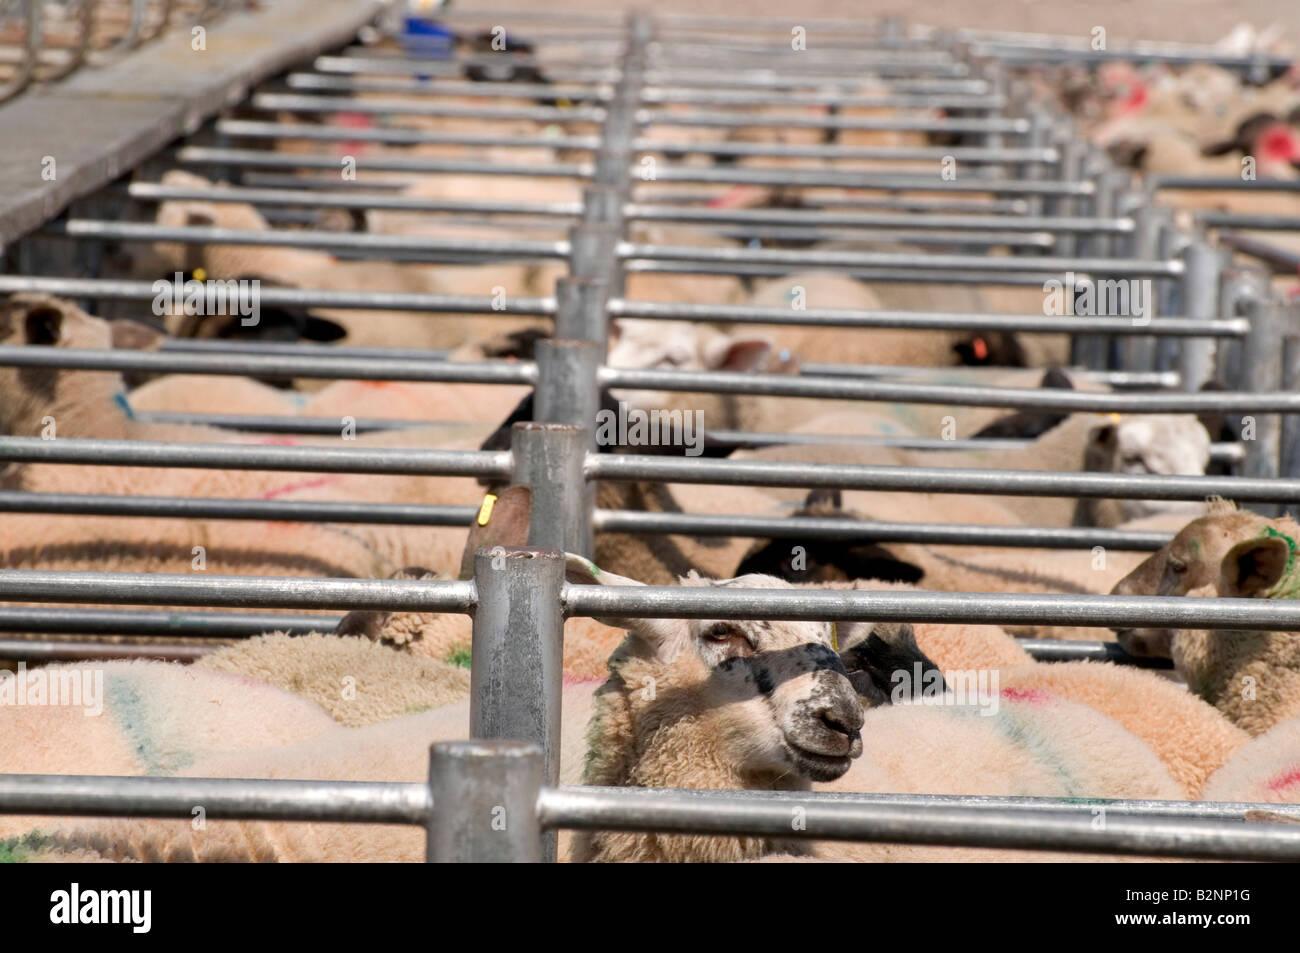 Marché du bétail Hereford - moutons en attente de vente Banque D'Images